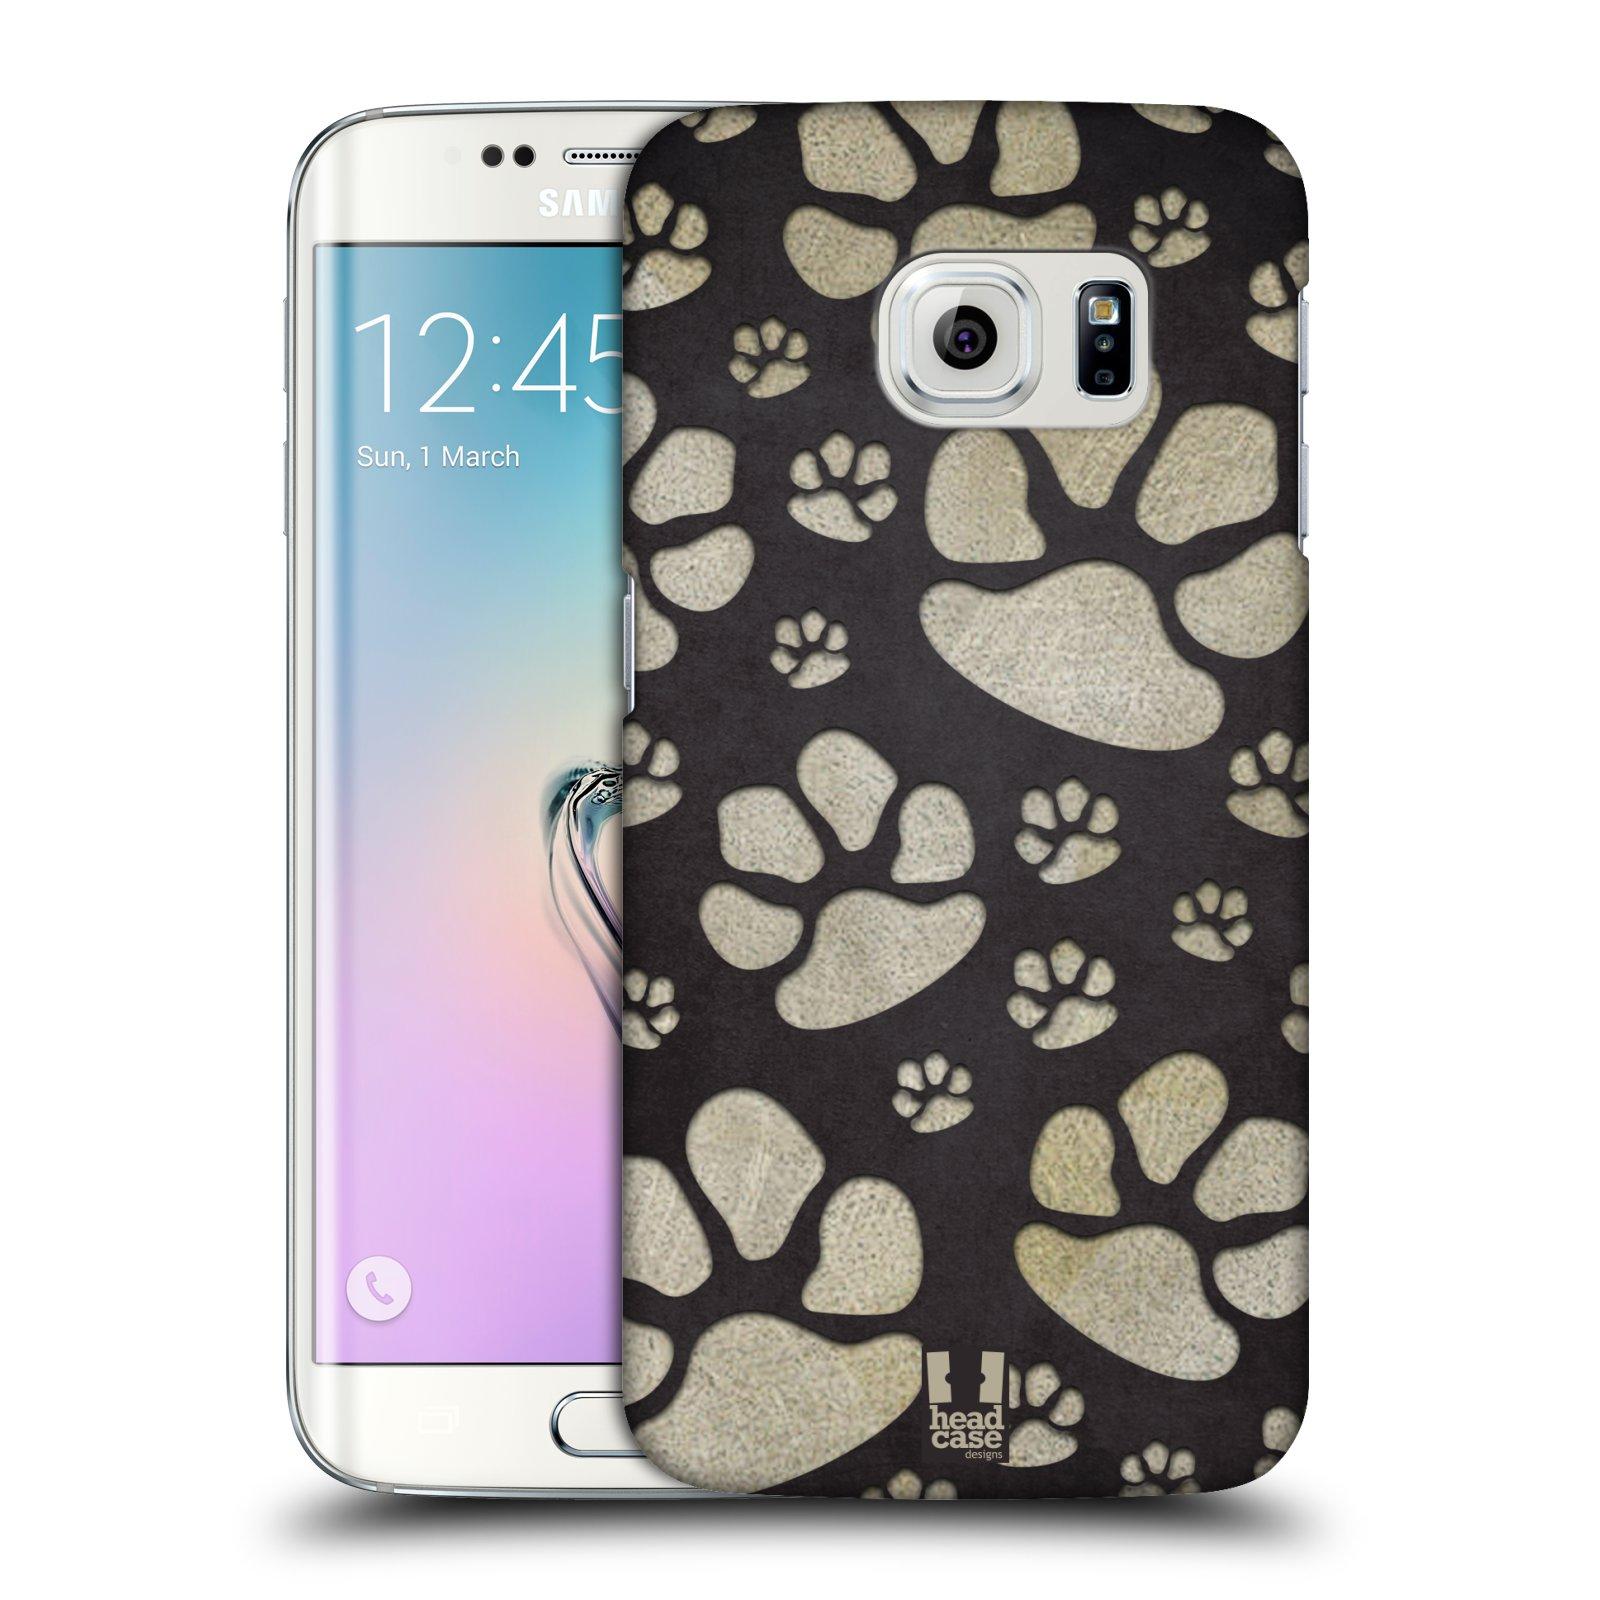 Plastové pouzdro na mobil Samsung Galaxy S6 Edge HEAD CASE TLAPKY ŠEDÉ (Kryt či obal na mobilní telefon Samsung Galaxy S6 Edge SM-G925F)